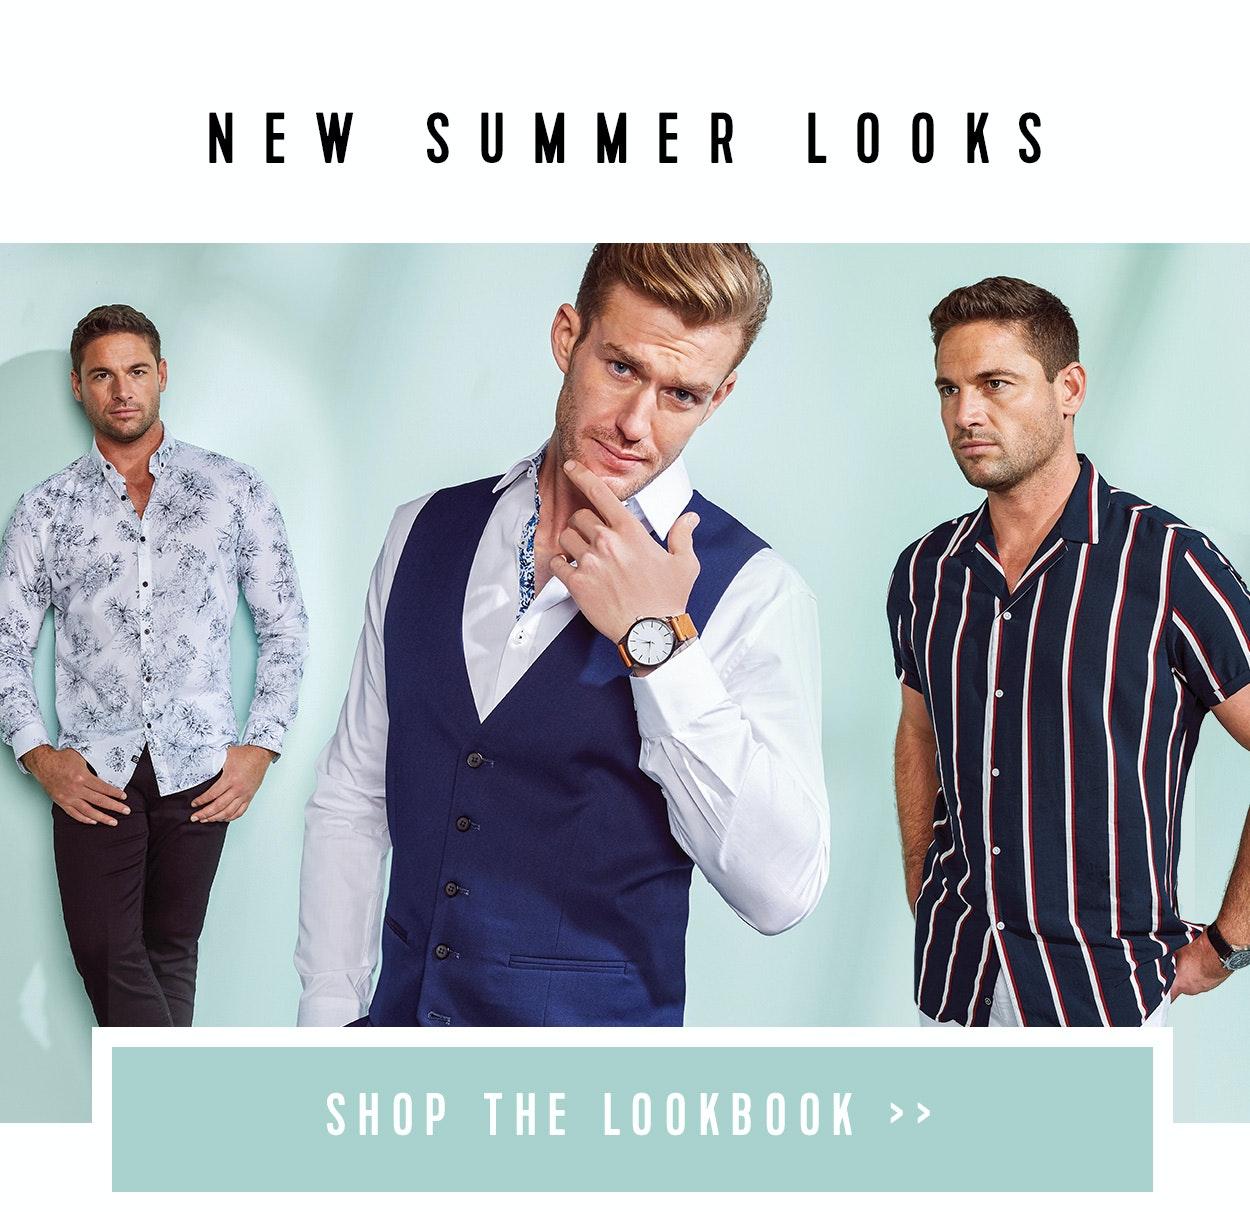 Shop Menswear Lookbook at Connor